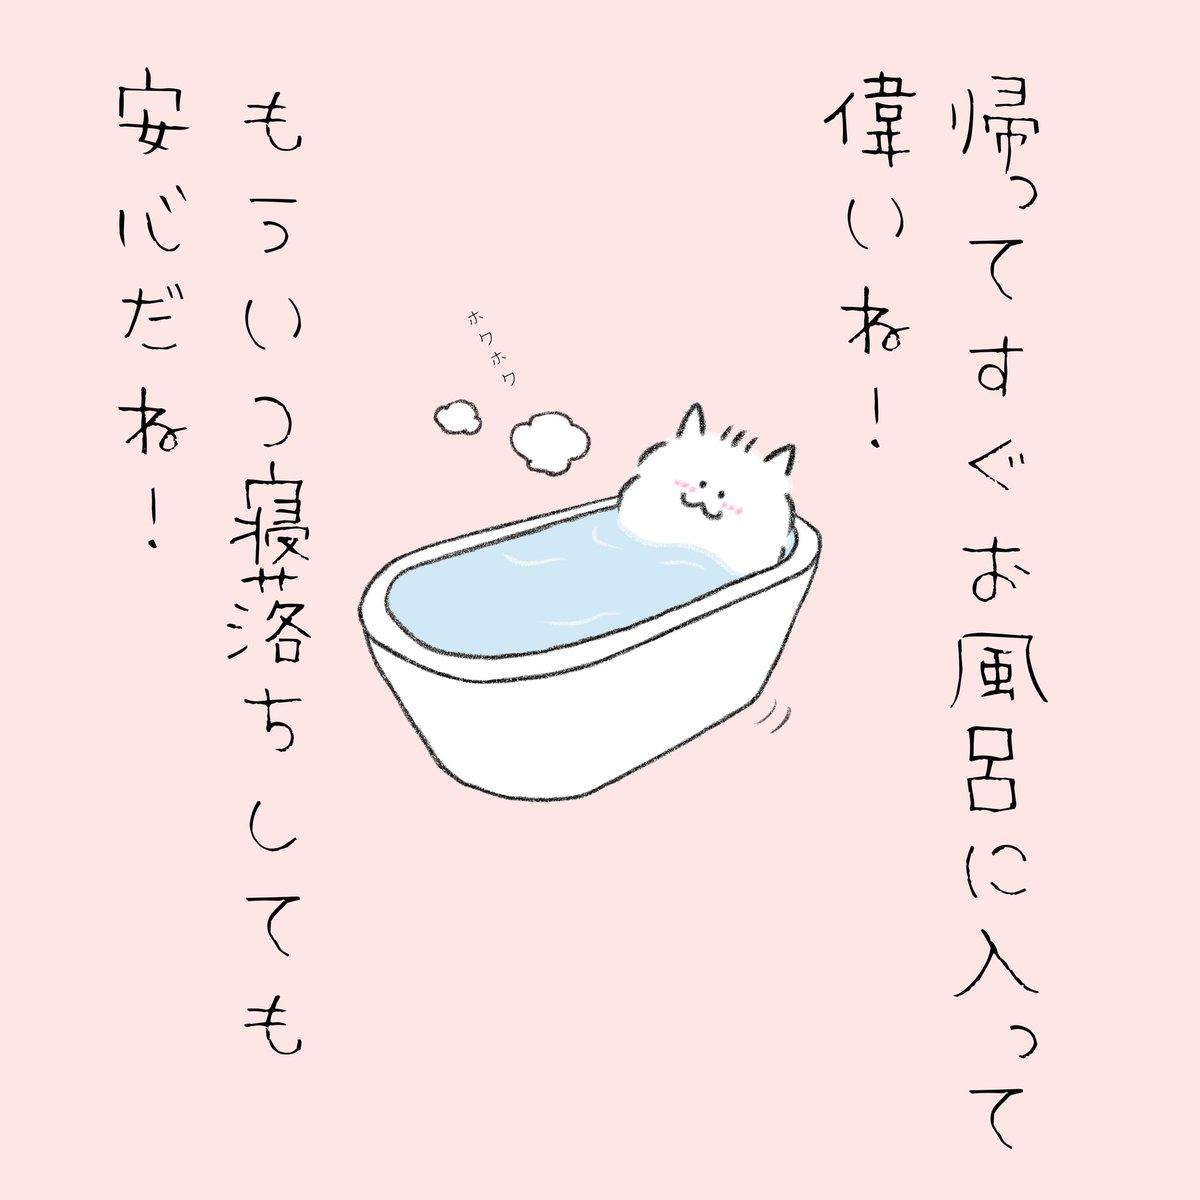 帰ってきてすぐにお風呂に入る人を褒めてくれるポメラニアン。